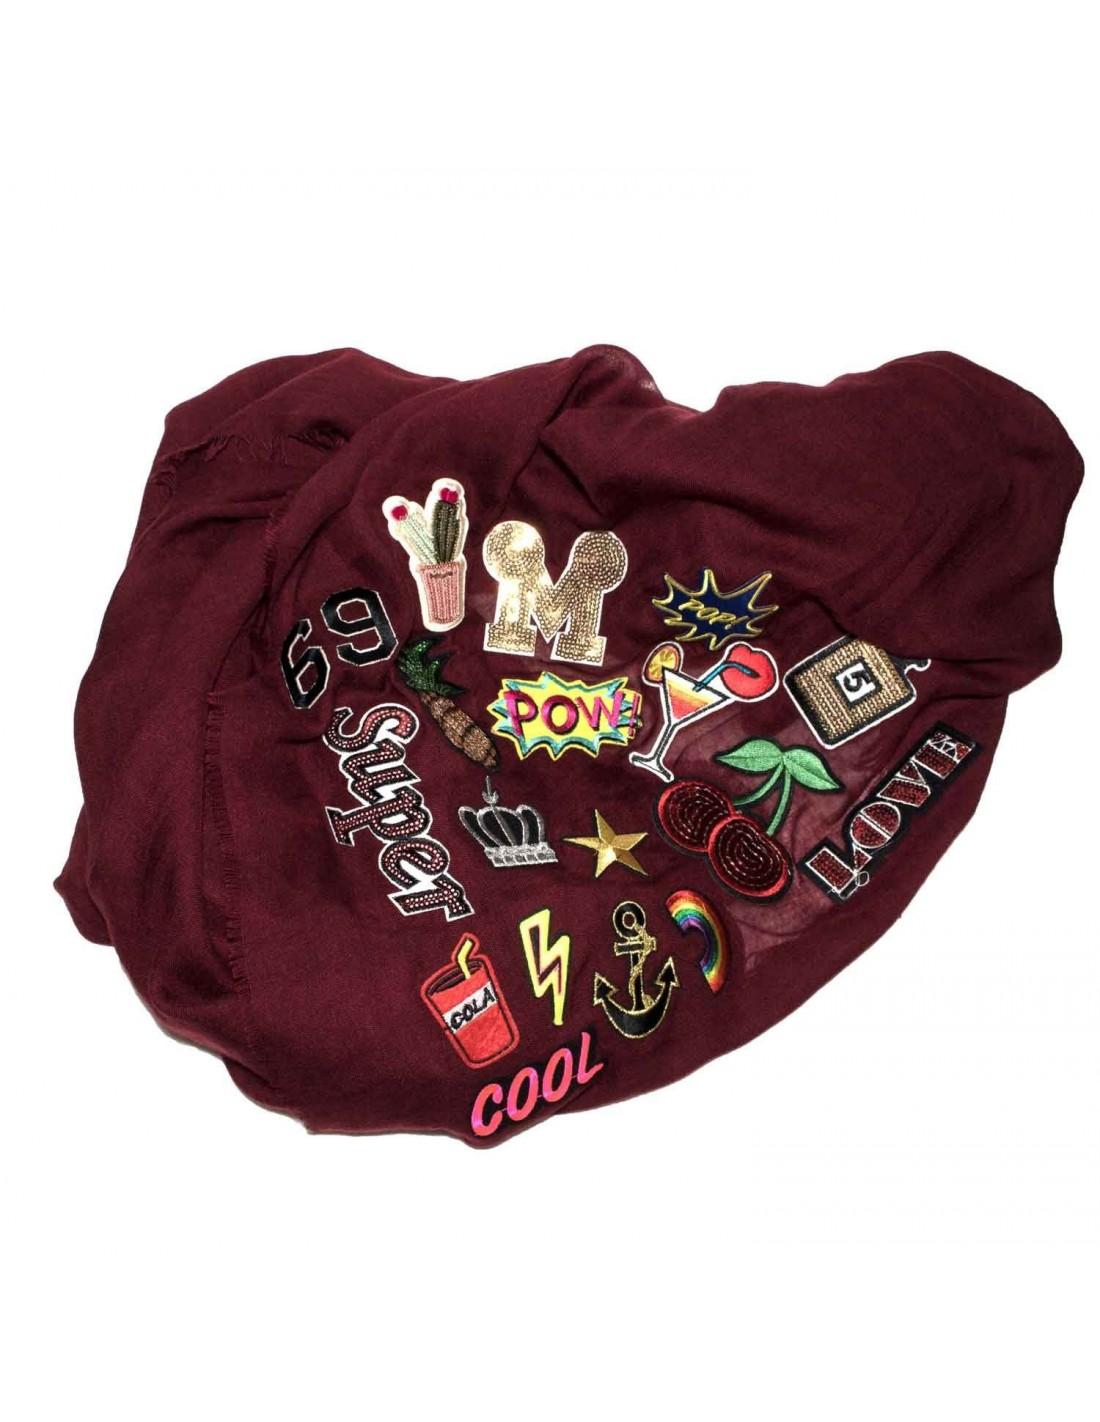 ... foulard femme grand format carré Patch écusson viscose bordeaux ... 6e9dd3c4685